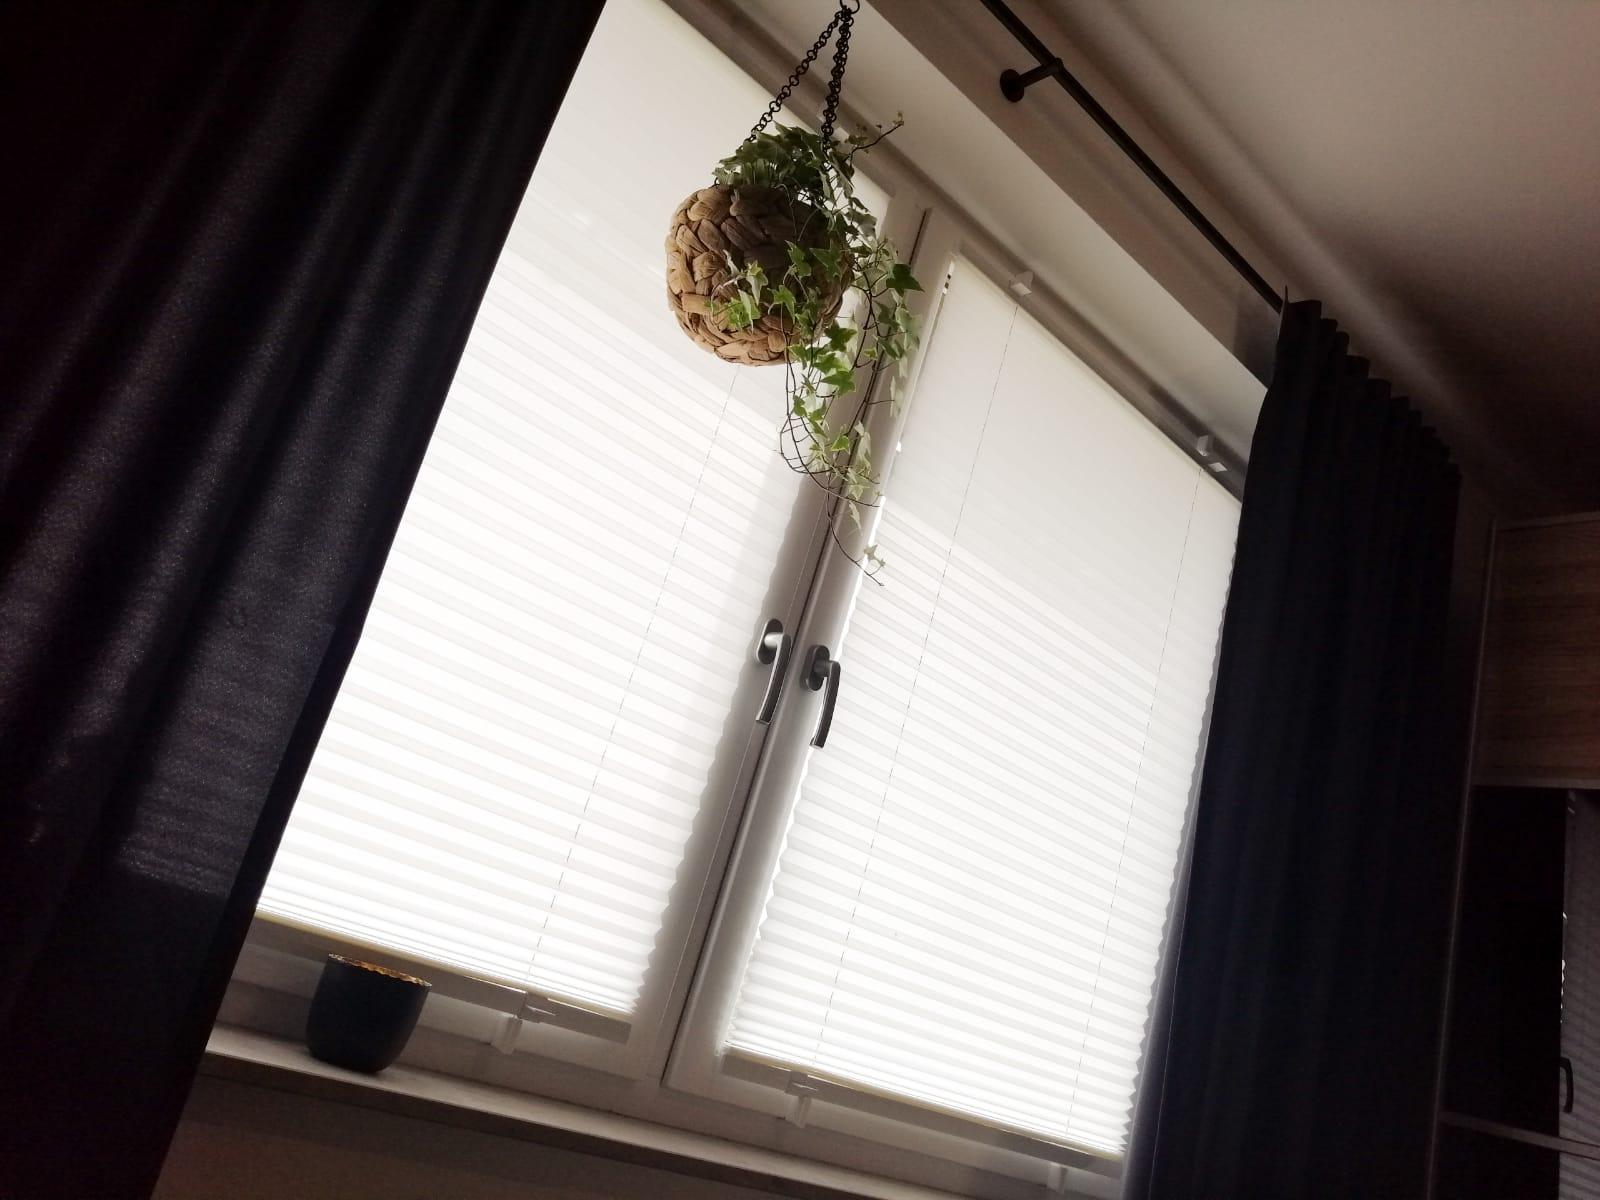 Full Size of Fenster Plissee Fensterplissee Montage Einbruchschutz Folie Sicherheitsfolie Sicherheitsbeschläge Nachrüsten Veka Preise Herne Klebefolie Aluminium Fenster Fenster Plissee